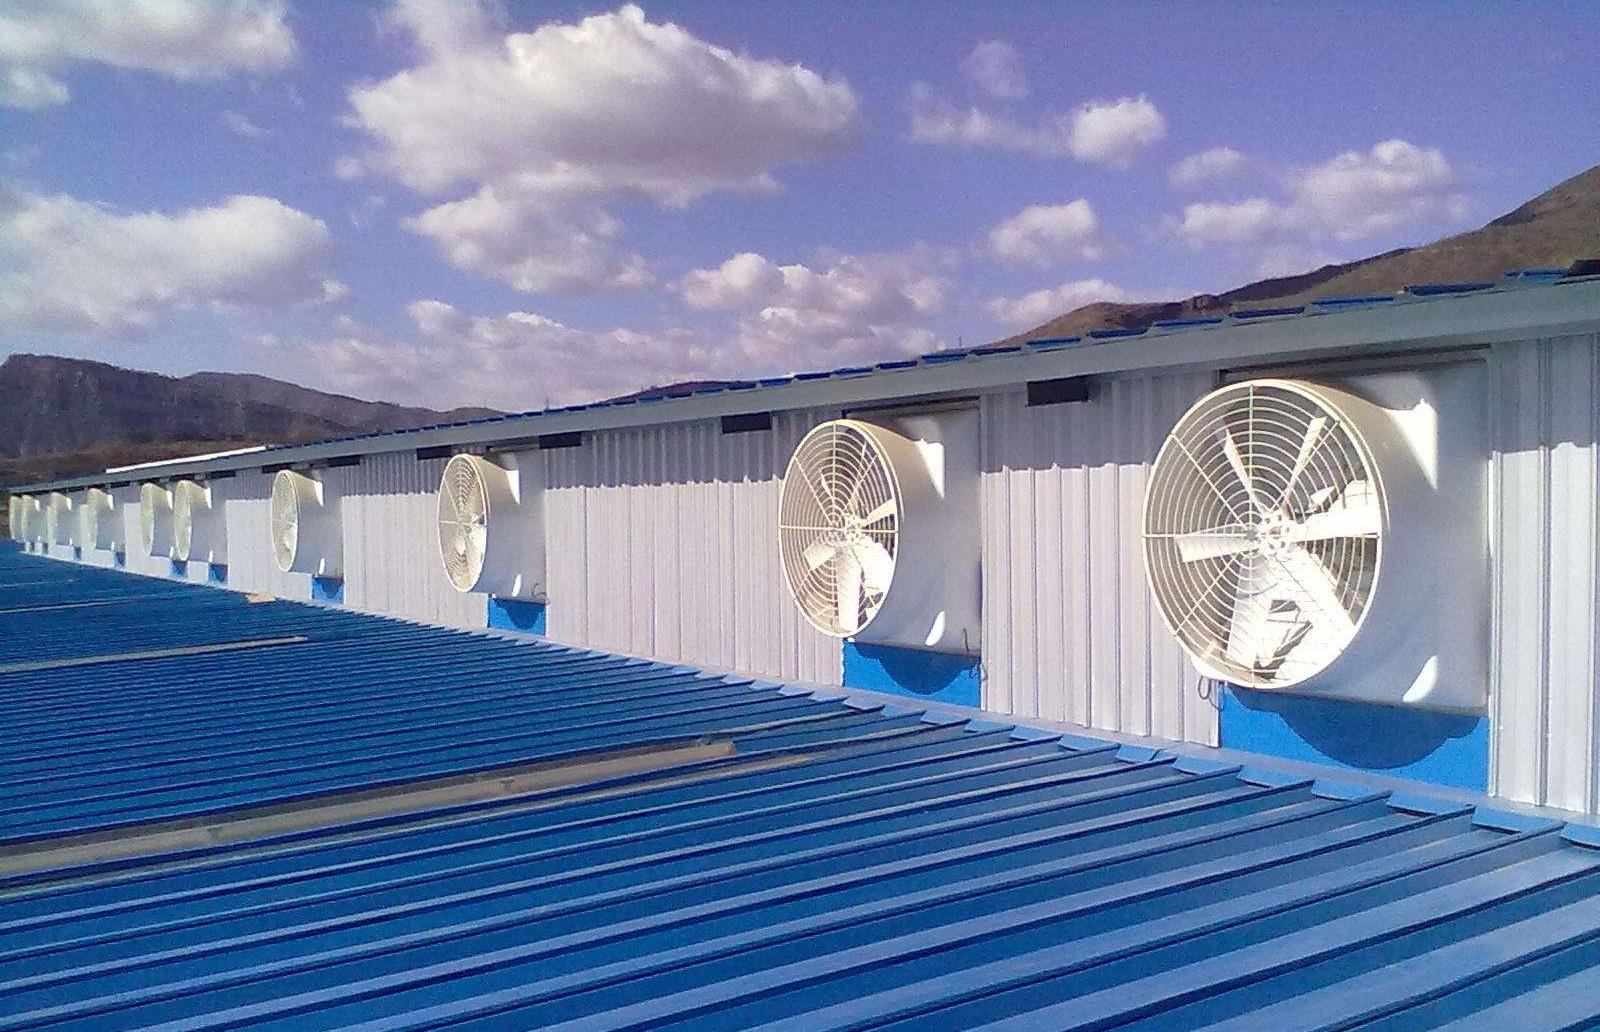 水帘风机竞博jbo首页系统在温室大棚中起到什么样的作用?种植业通风竞博jbo首页需了解下